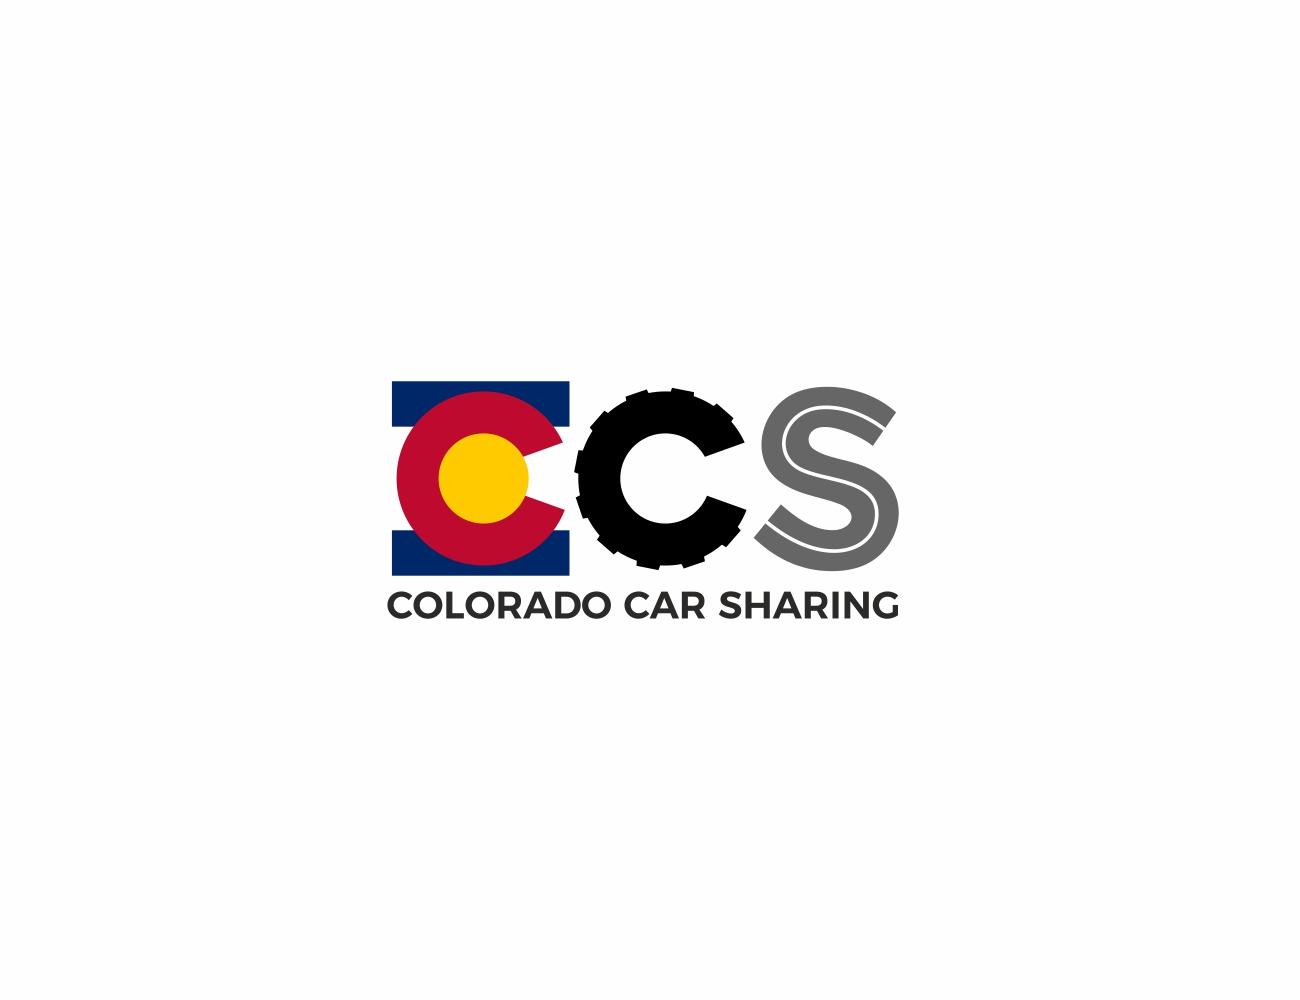 Modern Bold Car Rental Logo Design For Colorado Car Sharing By Edu